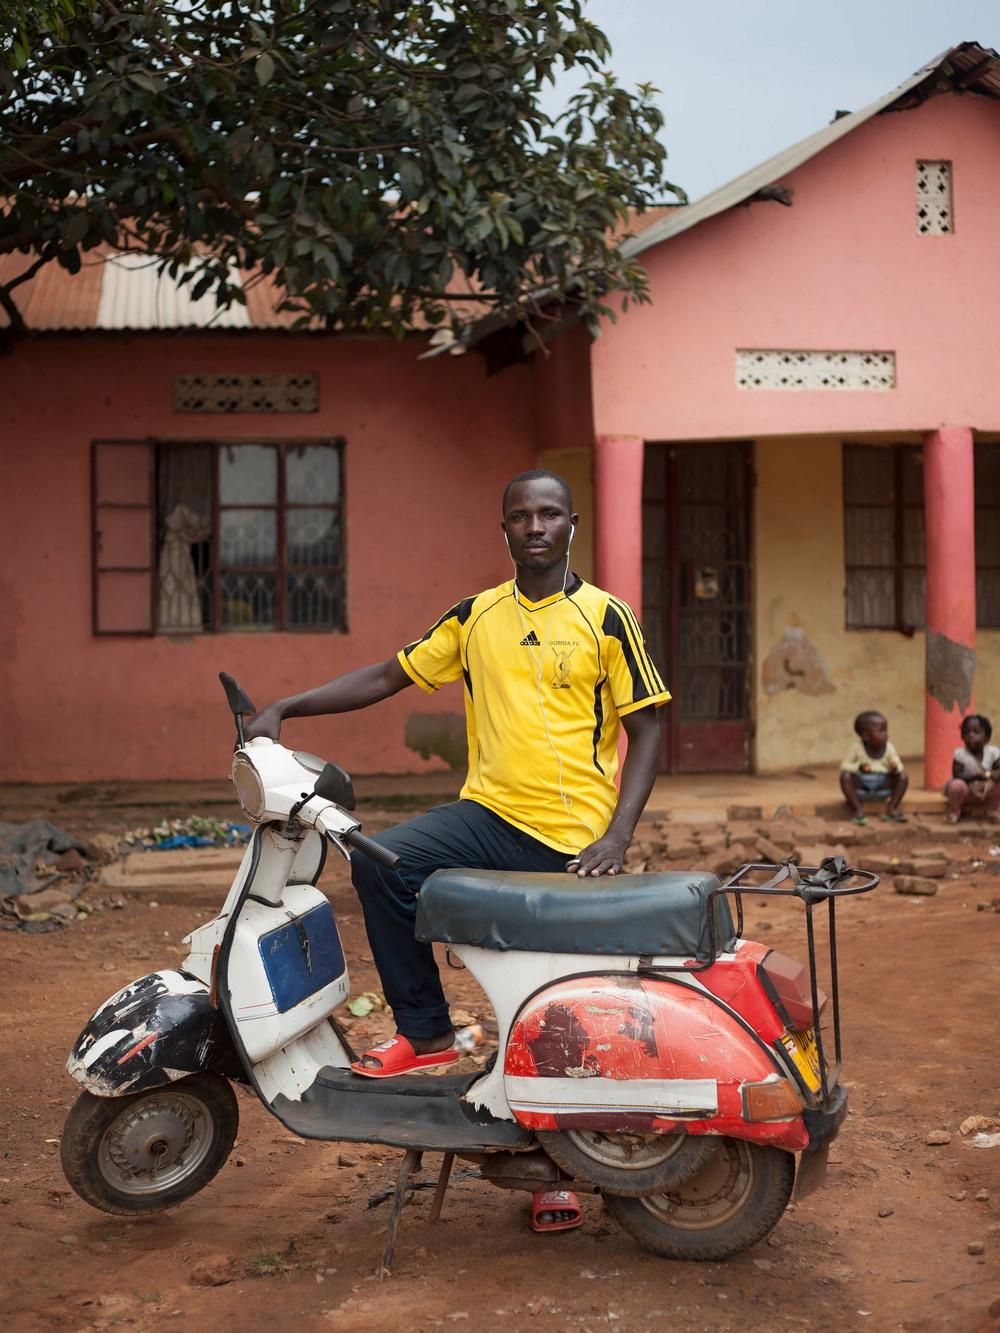 Клуб любителей мотороллеров Vespa в Уганде